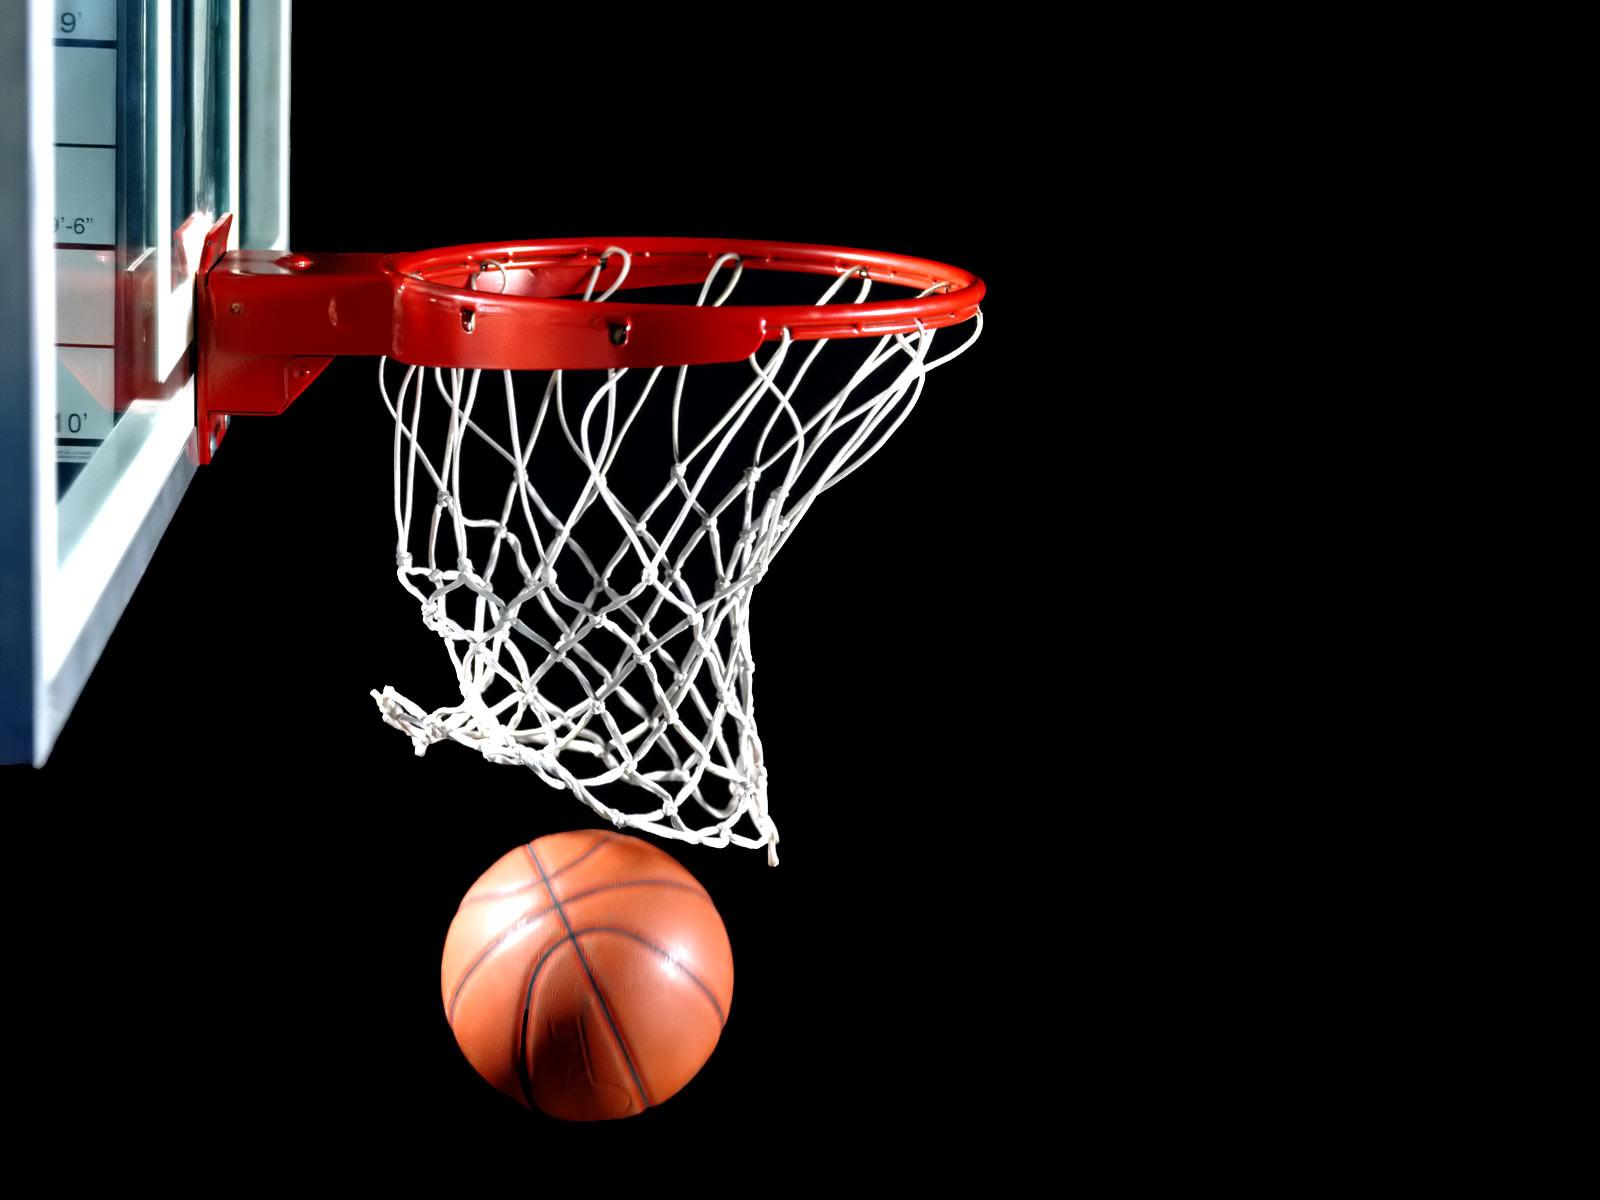 """БК """"Мукачево"""" побореться з ДЮСШ """"Мукачево"""" за вихід у півфінал чемпіонату області з баскетболу"""